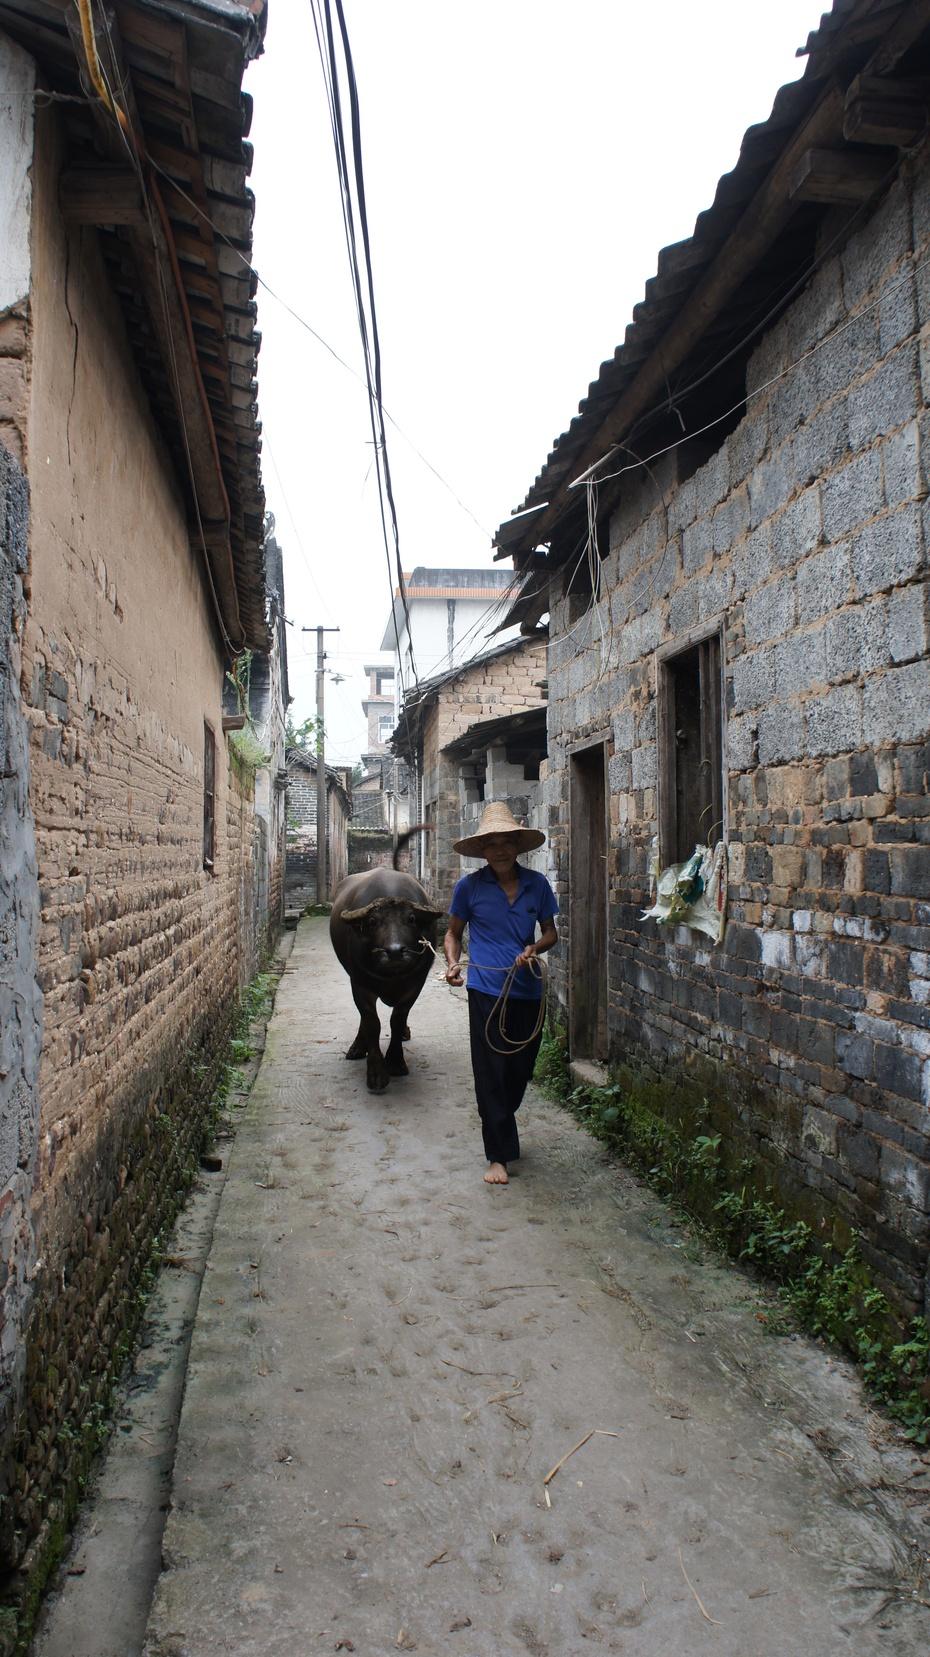 中国传统村落:杨溪村 - 余昌国 - 我的博客